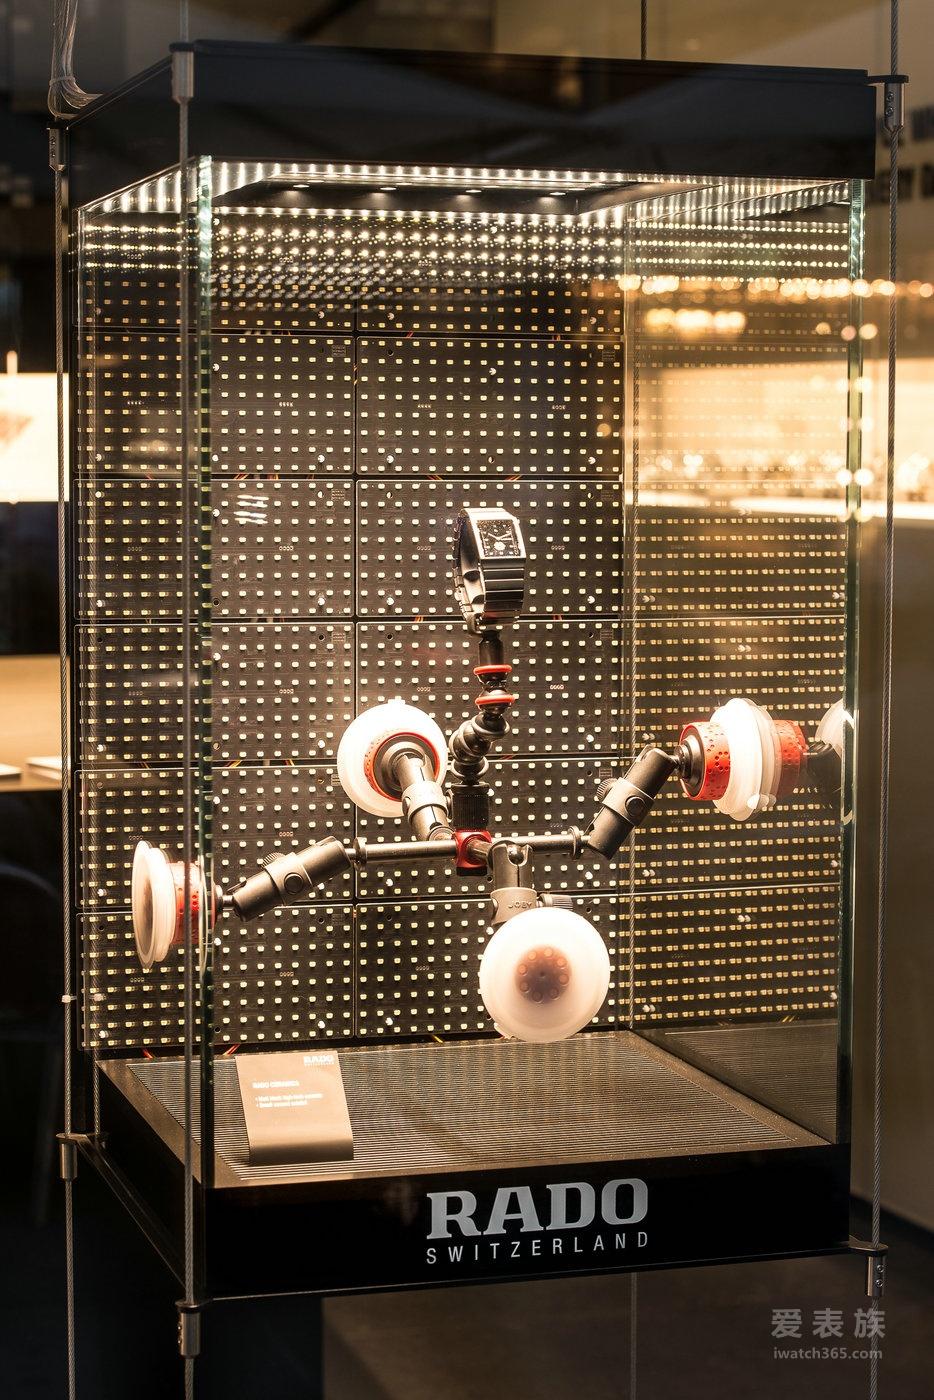 RADO 瑞士雷达表携手国际知名工业设计师康士坦丁·葛切奇 Ceramica 整体陶瓷系列全新腕表惊艳亮相维也纳设计周